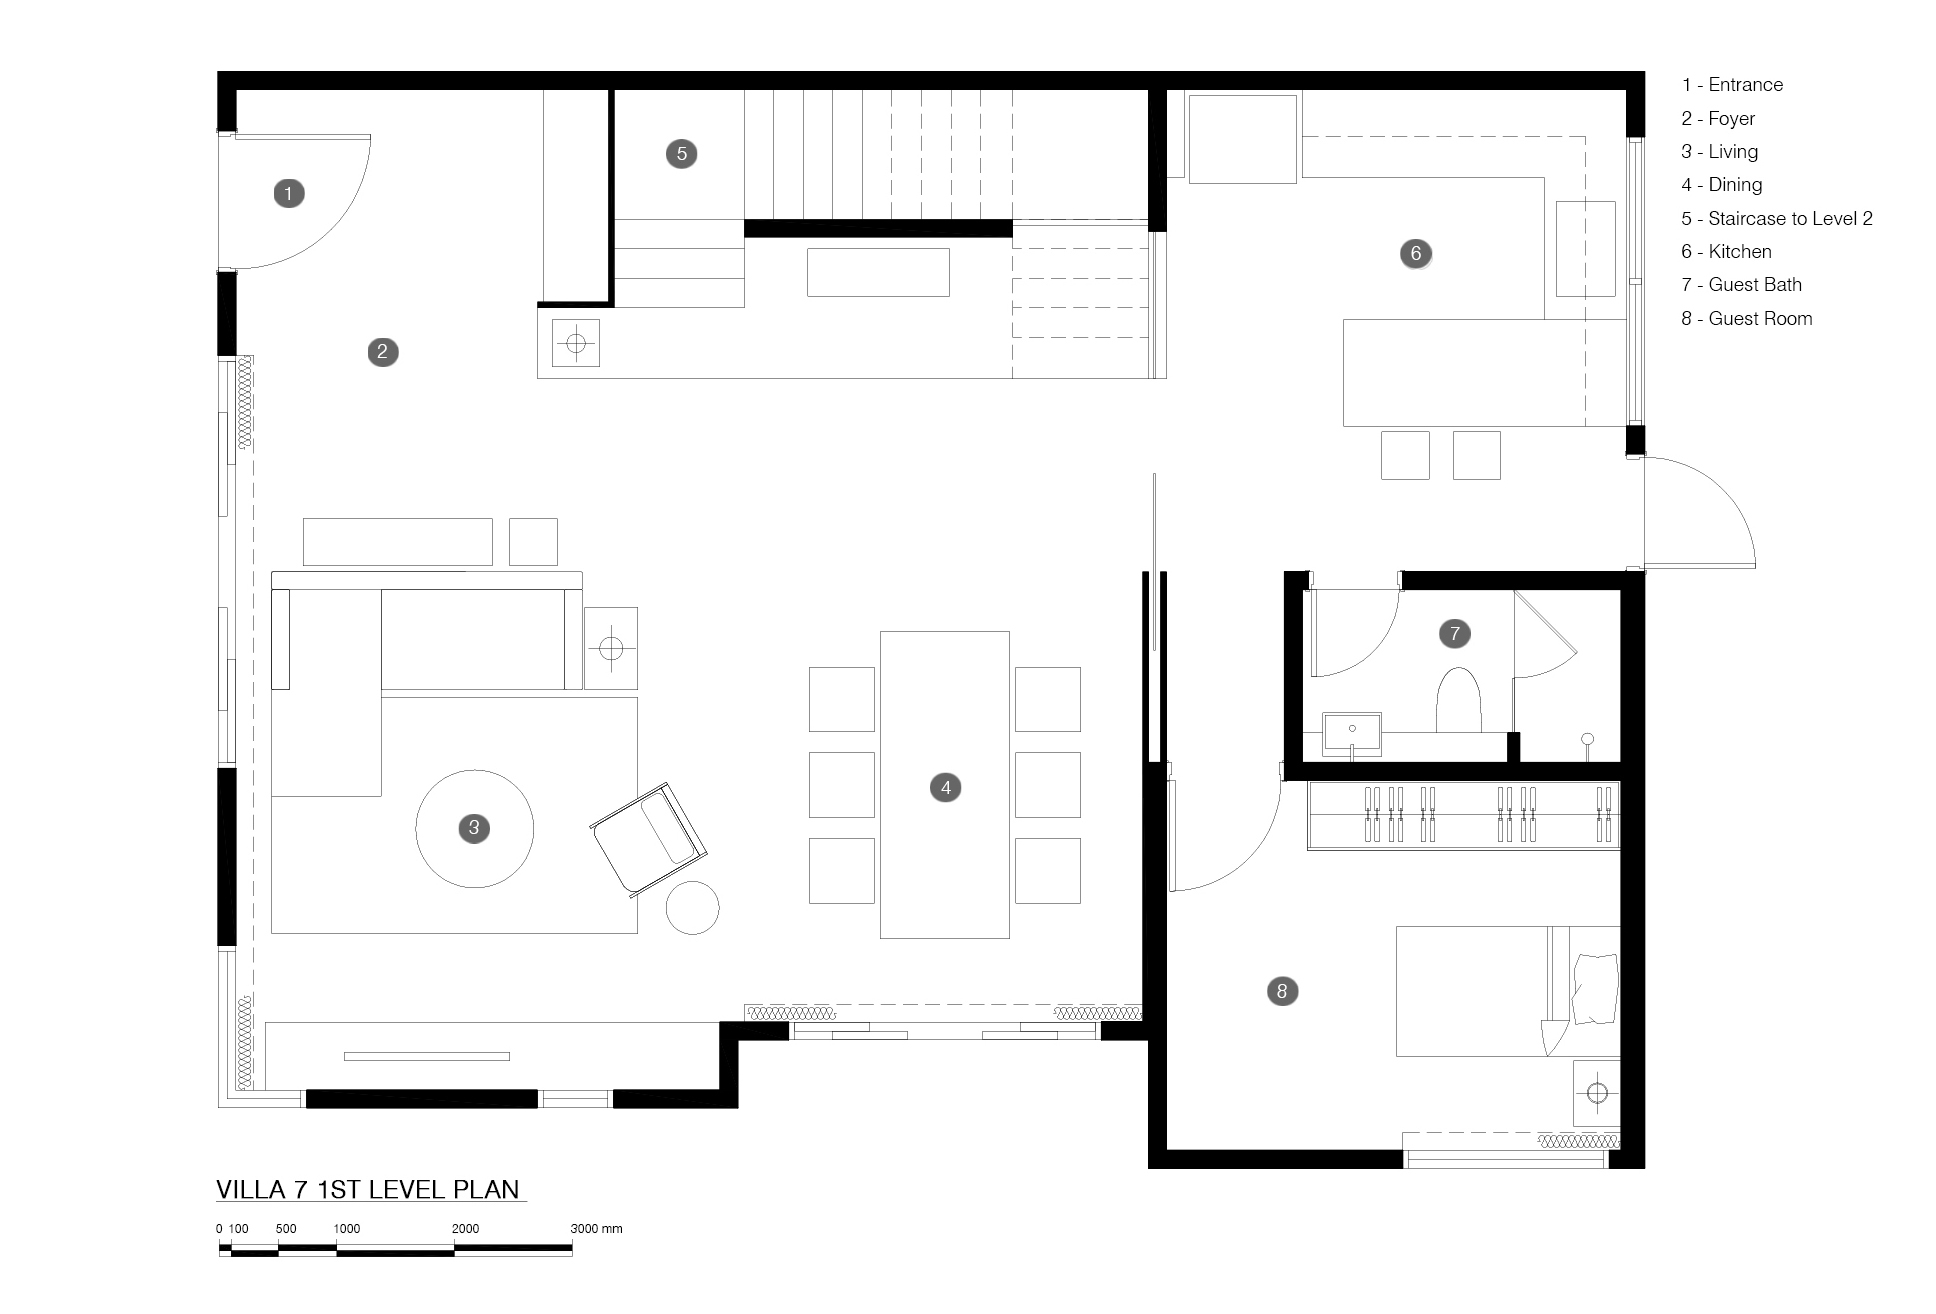 10-of-10-_-villa-7-1st-layout-plan